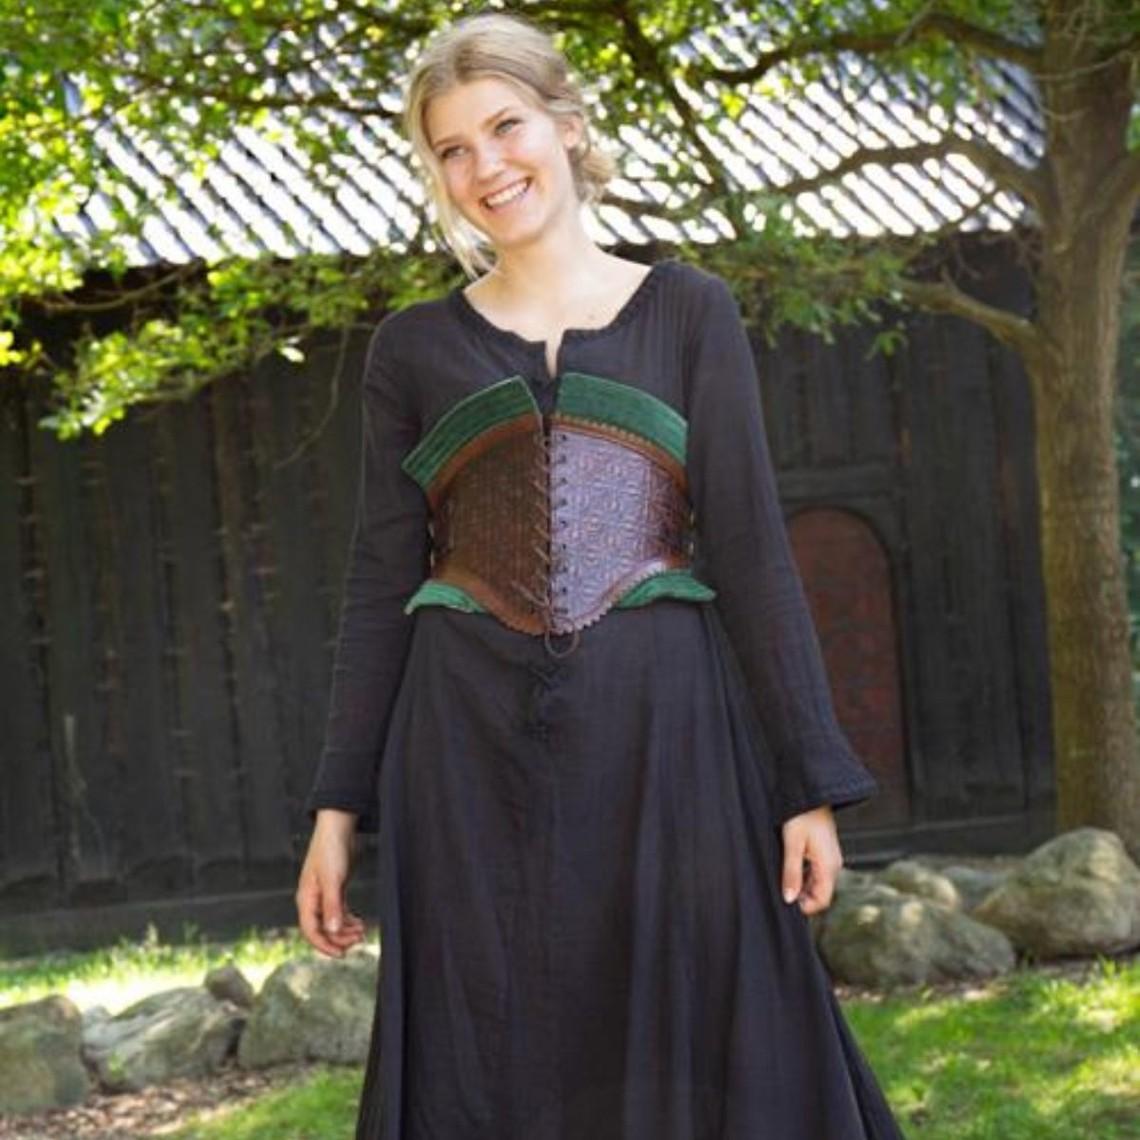 Epic Armoury Leren korset Margot, groen